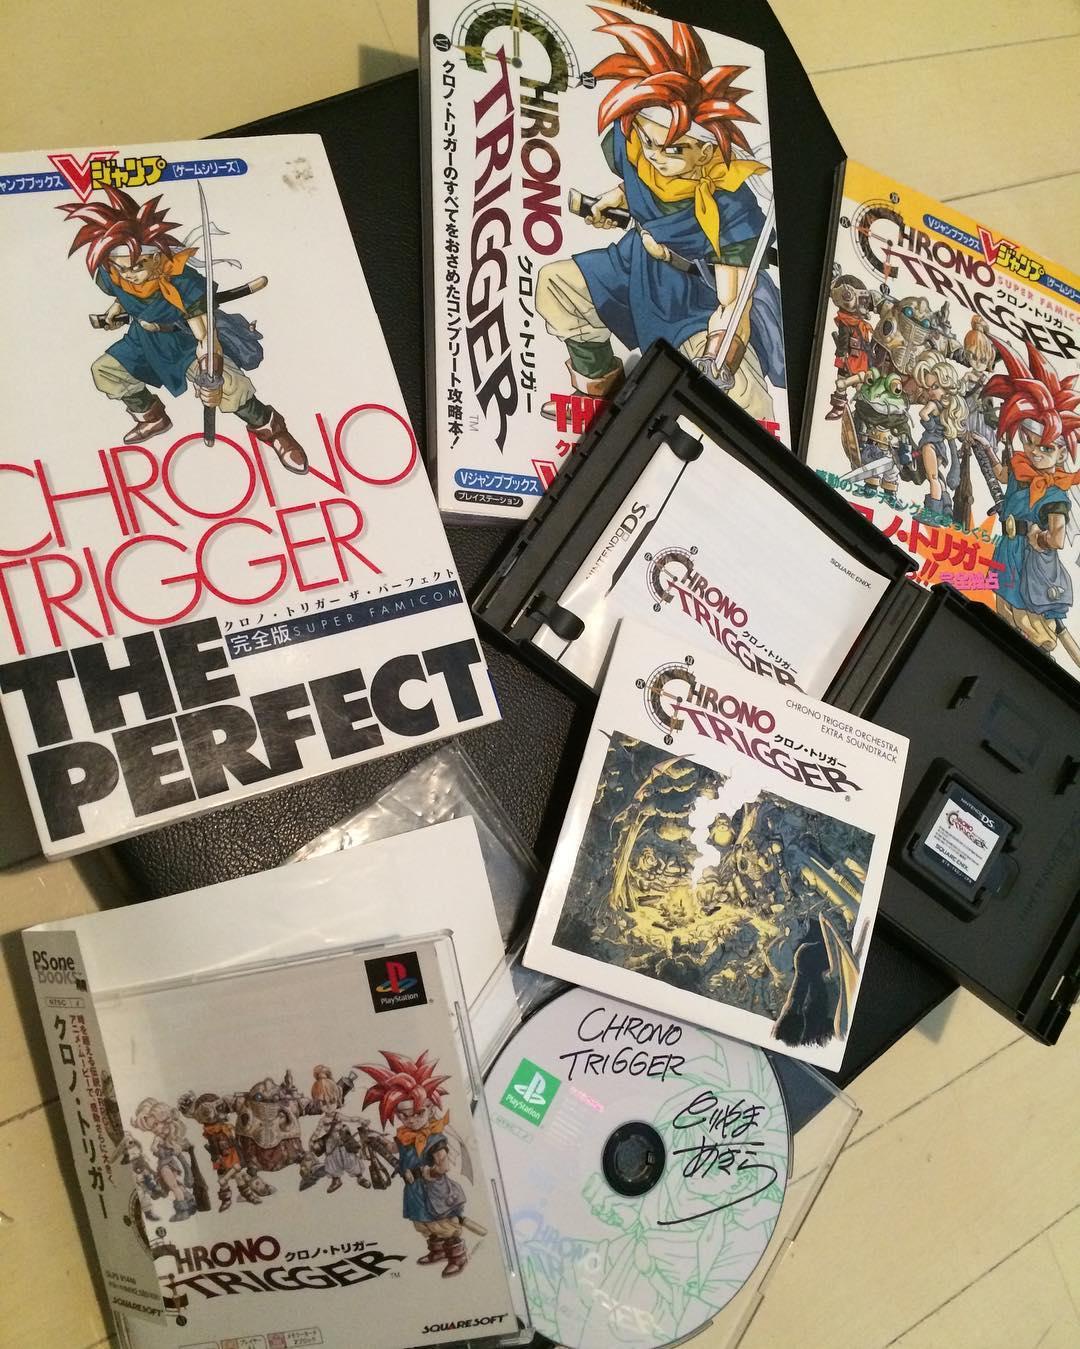 Chrono Trigger 21st September-1.jpg